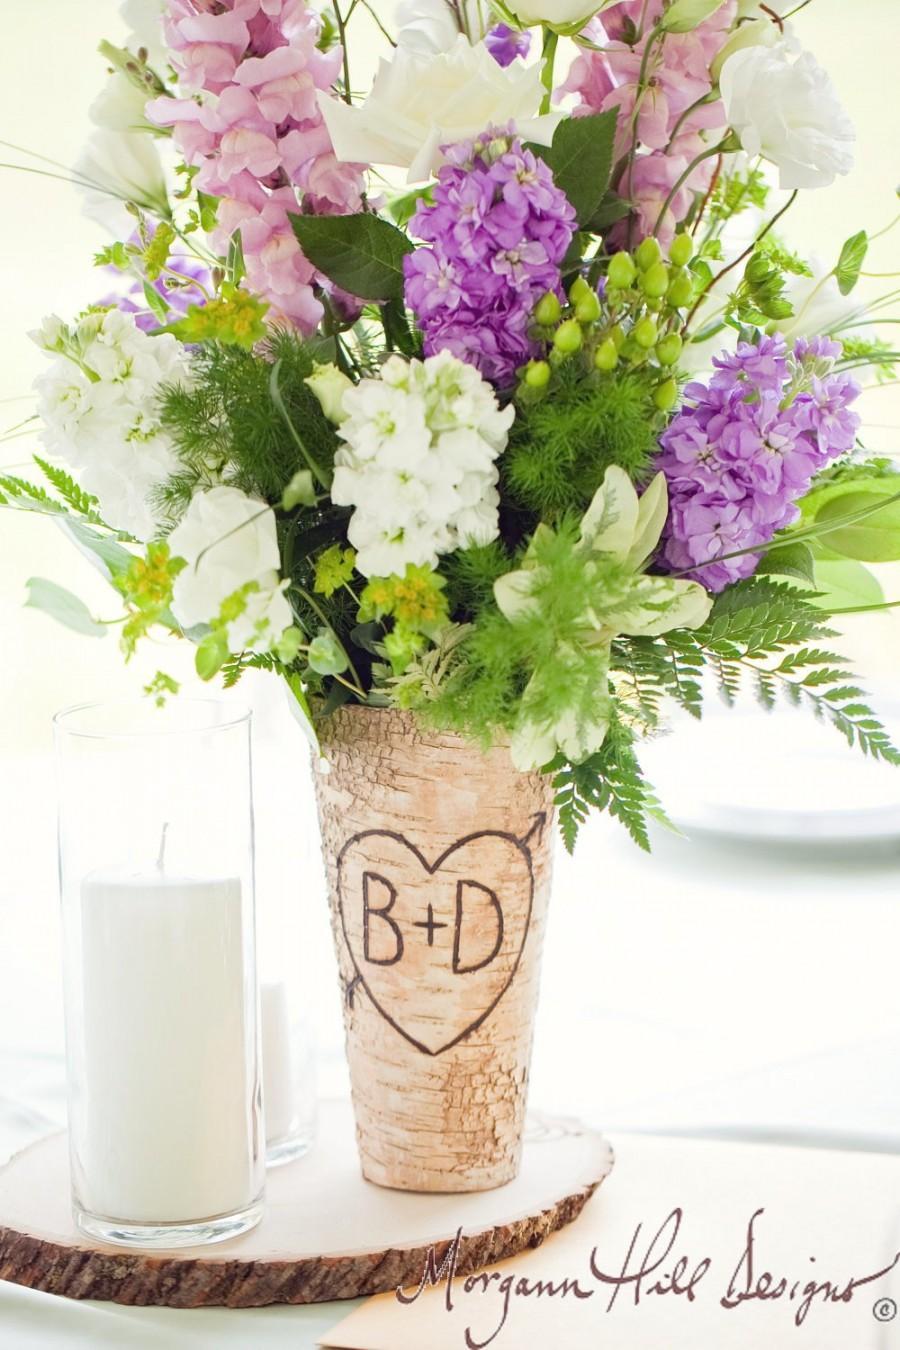 Personalized birch bark centerpiece vase rustic wedding item personalized birch bark centerpiece vase rustic wedding item number 140166 reviewsmspy